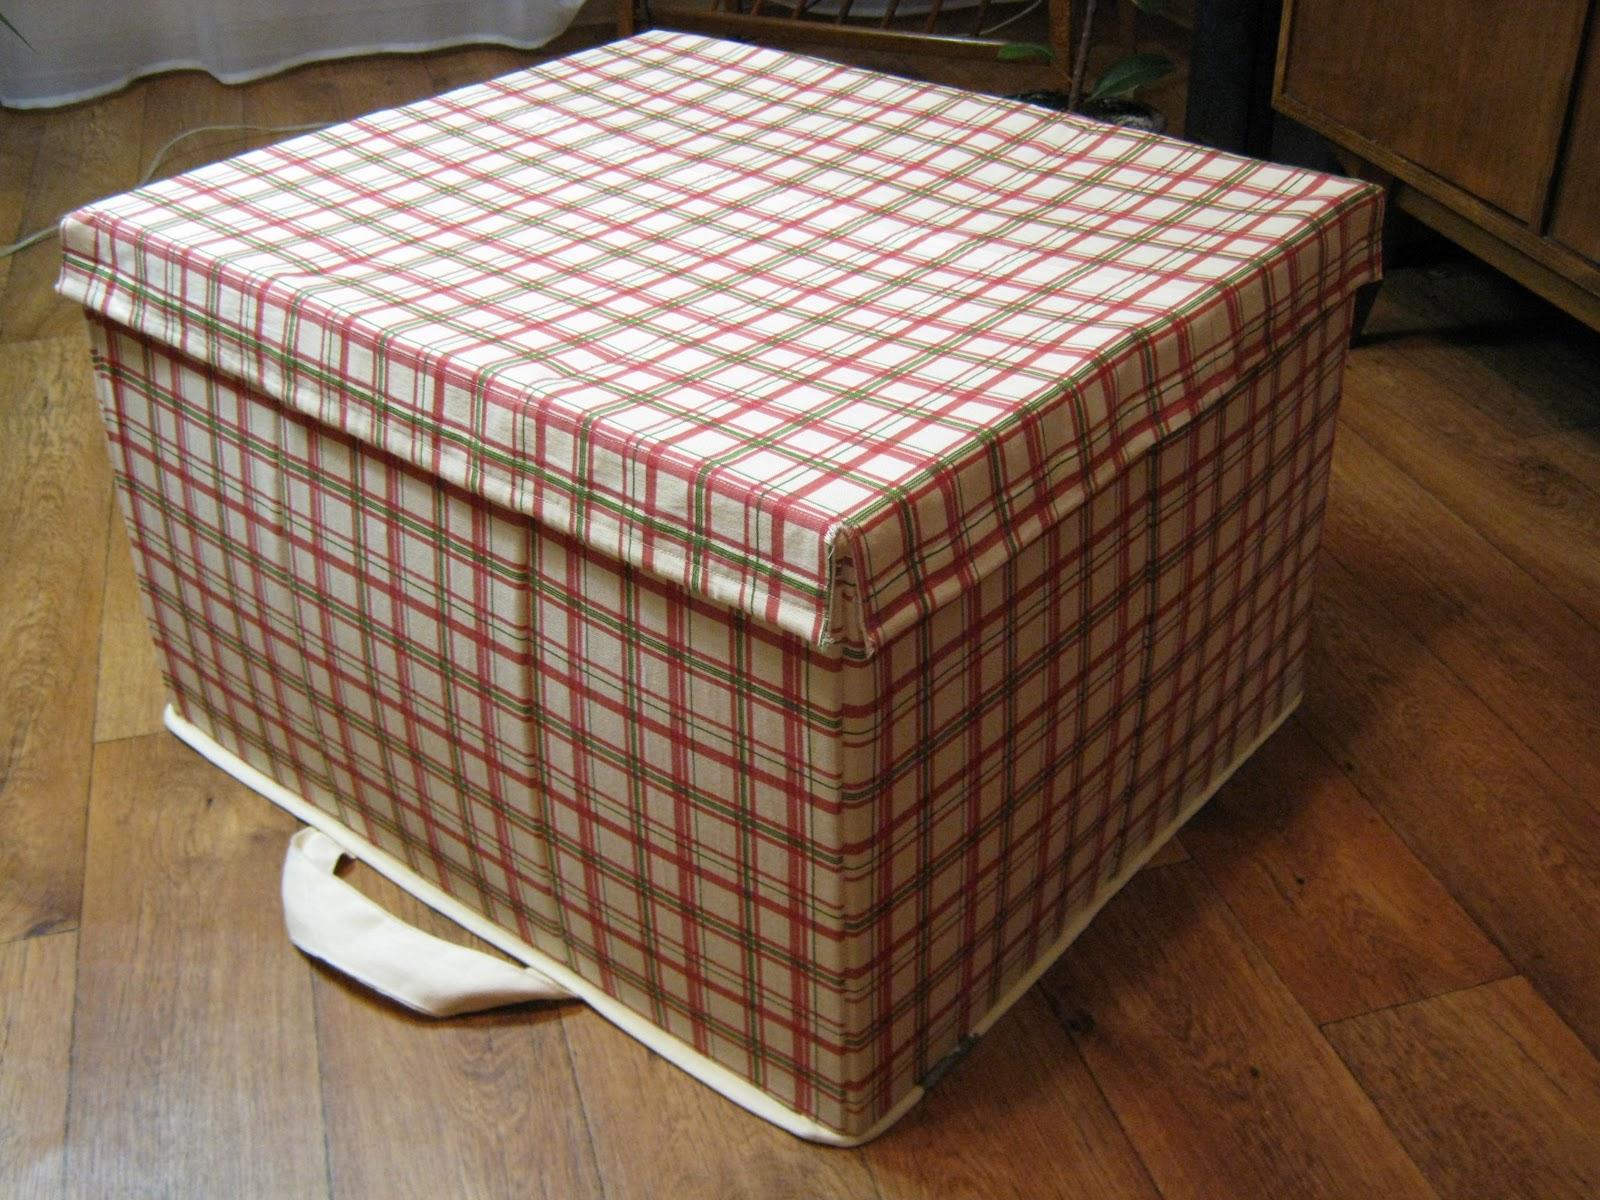 Текстильная коробка для хранения вещей своими руками 946